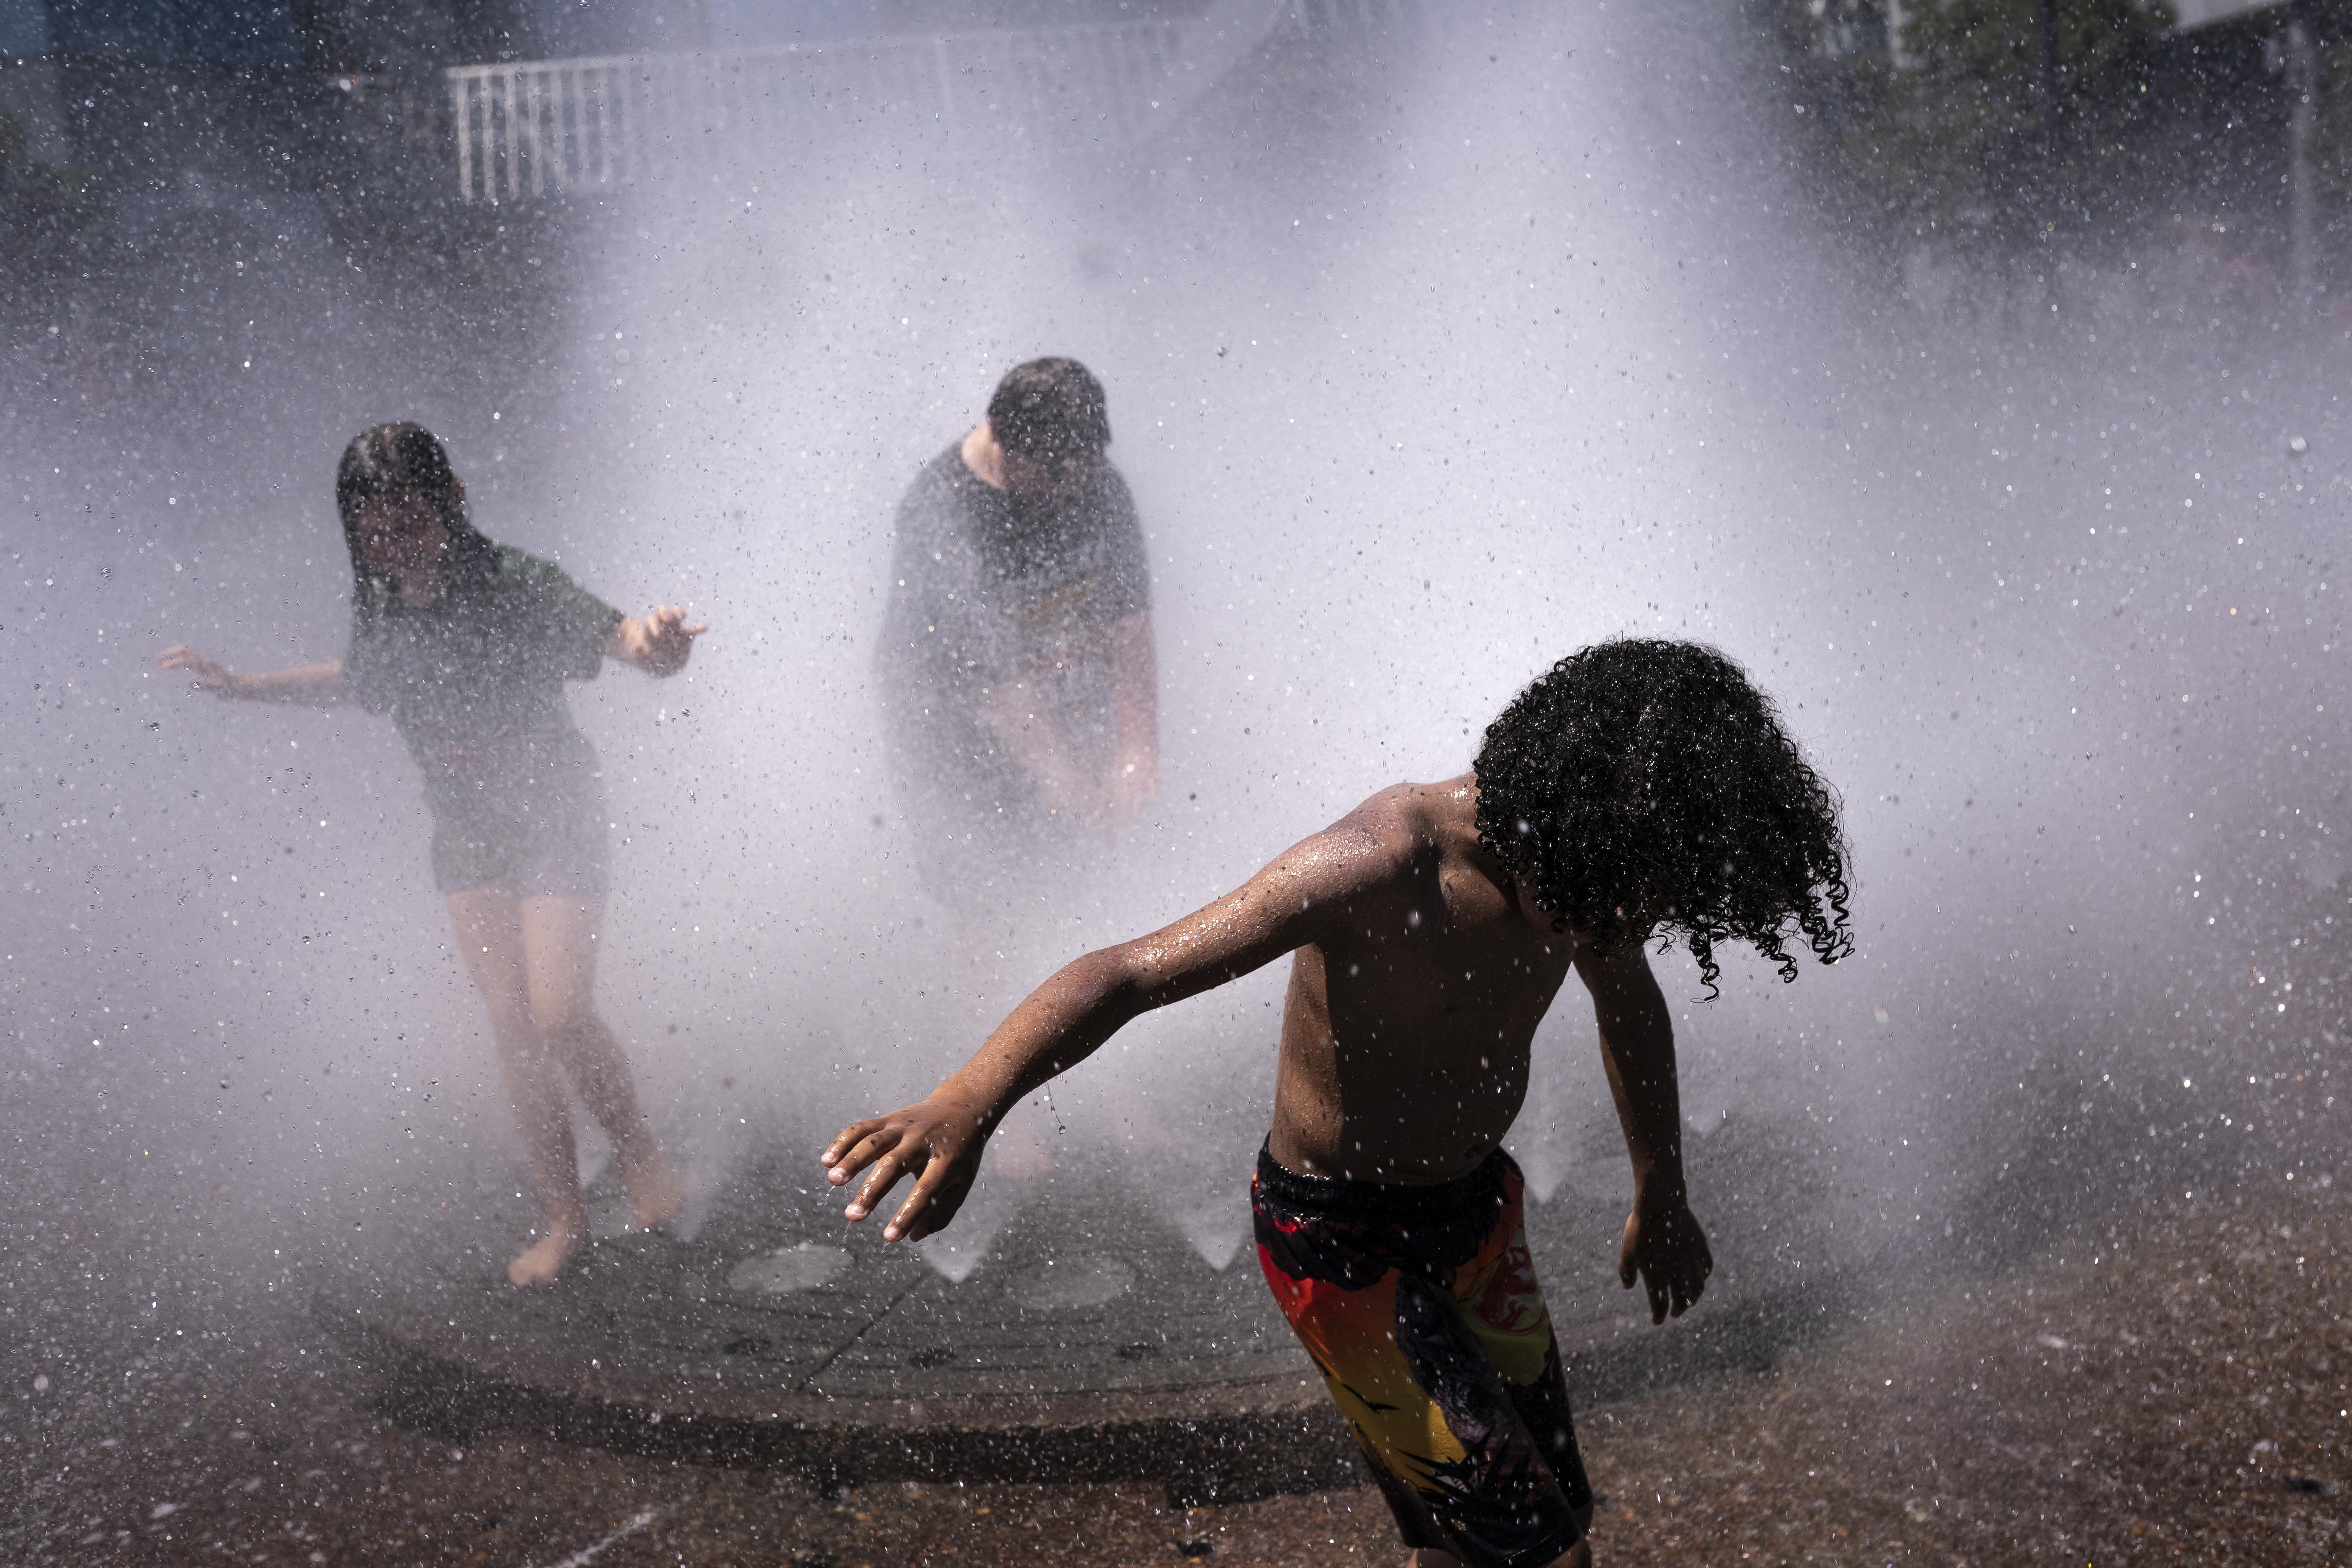 Legalább 69 ember halt meg Kanadában az iszonyatos hőhullám miatt